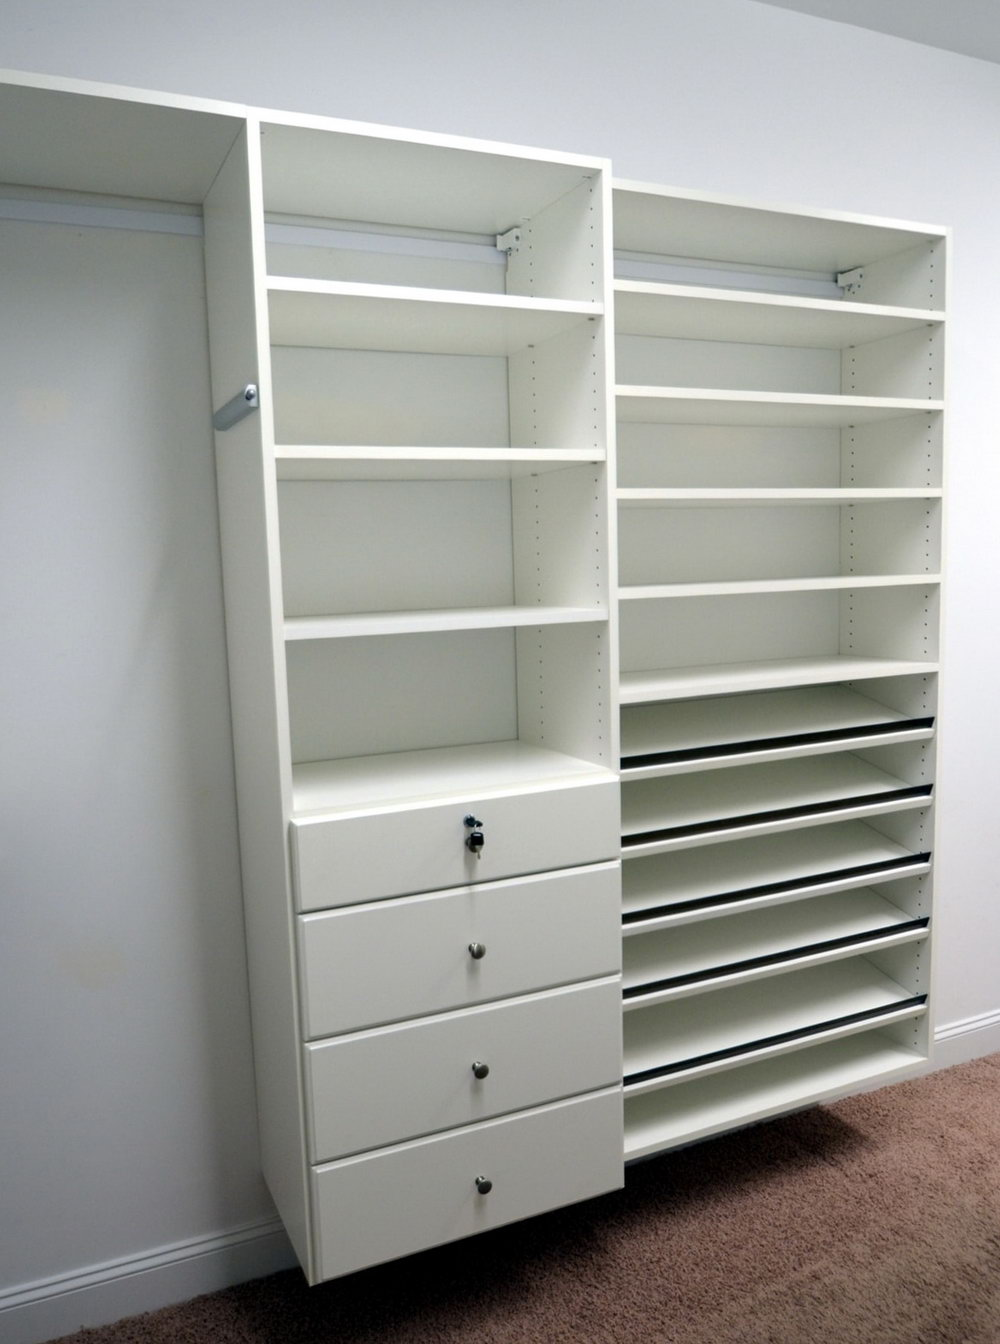 Ikea Wall Closet System